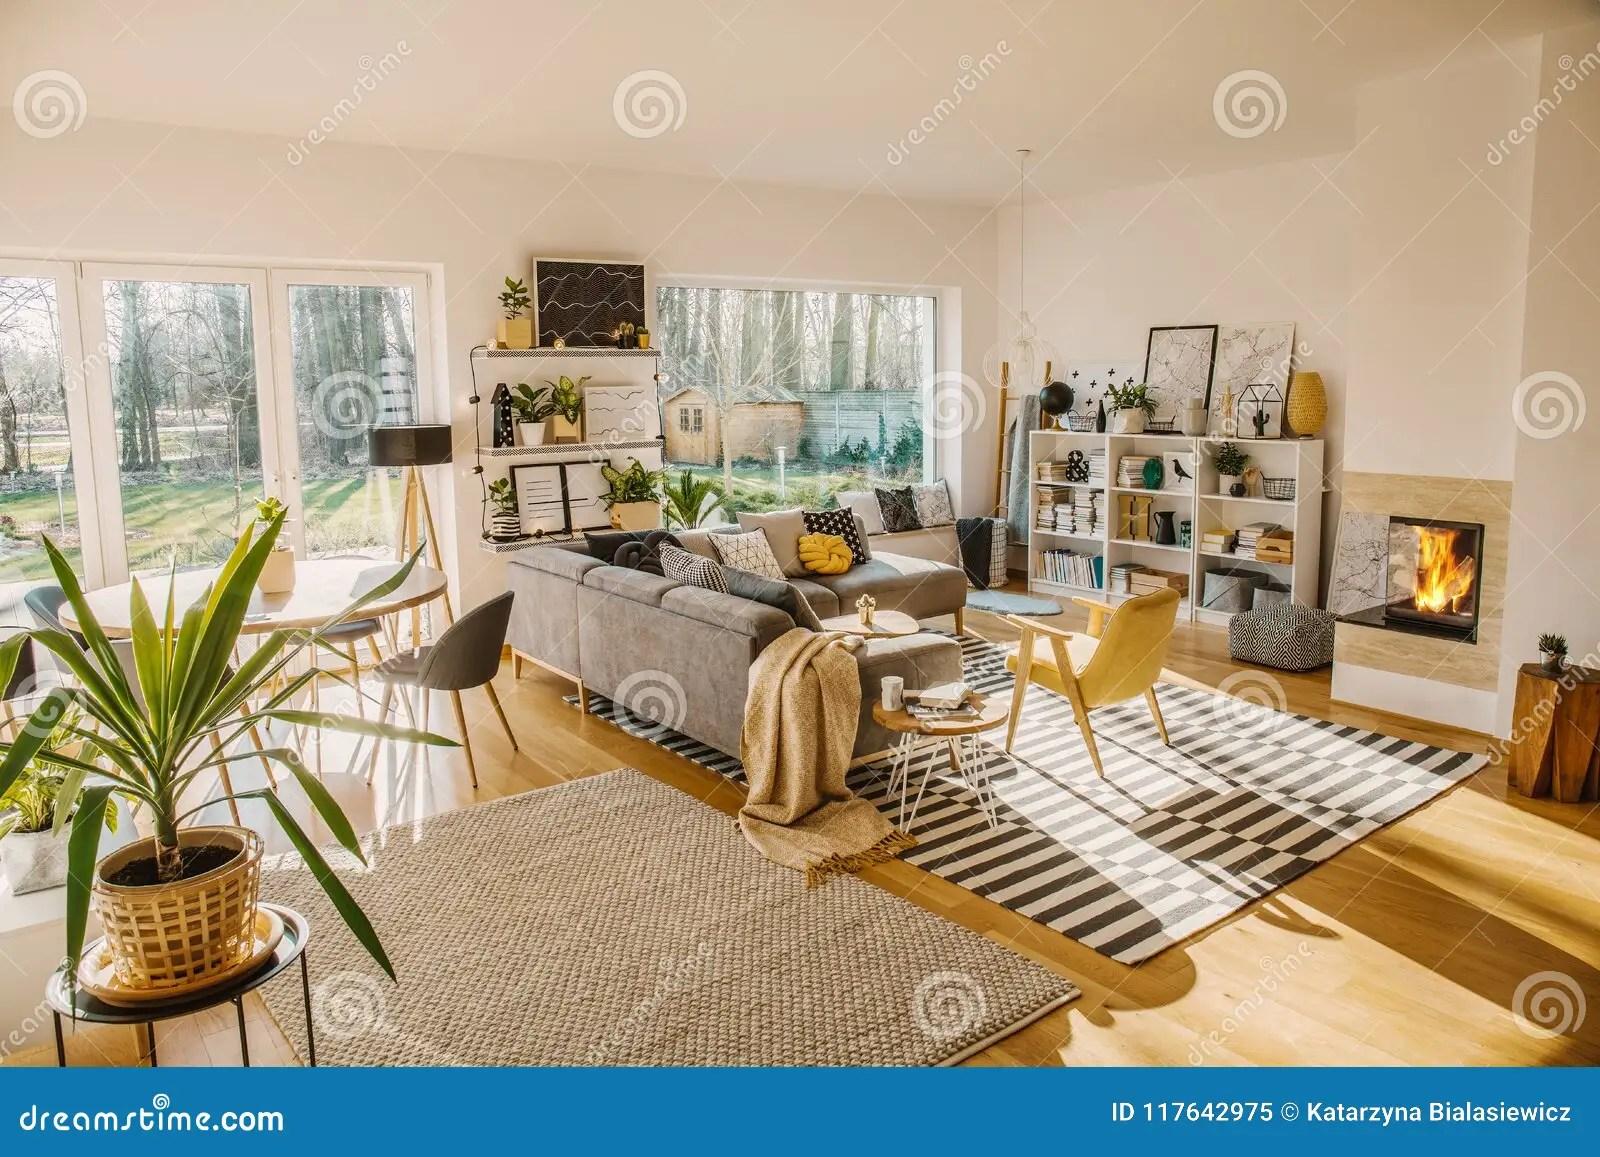 Wohnzimmer Boden Teppich Teppich Boden Teppiche Für Wohnzimmer